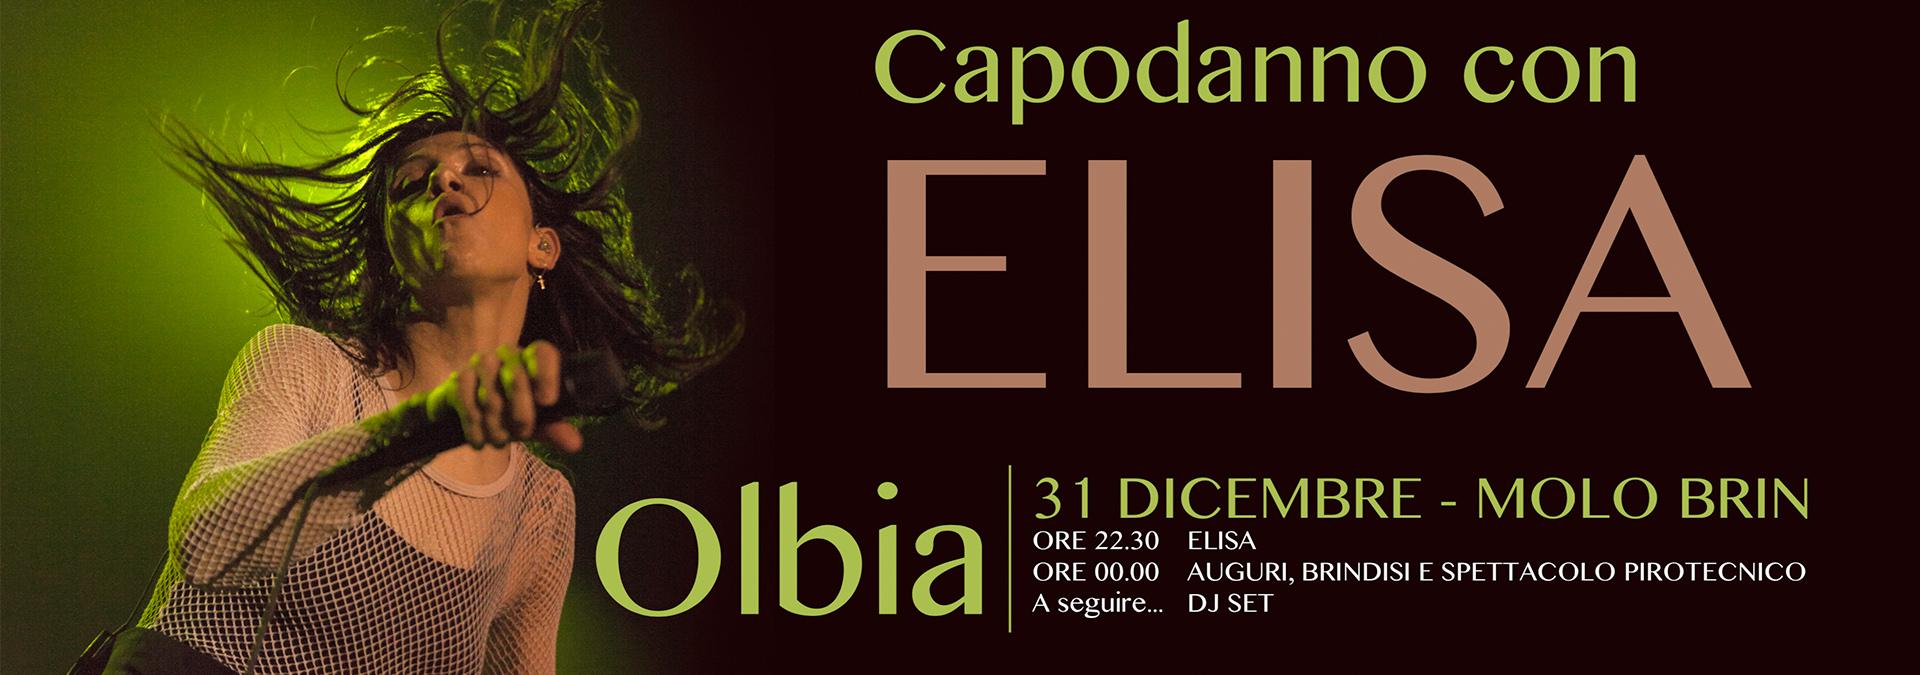 Concerto Elisa Capodanno Olbiese